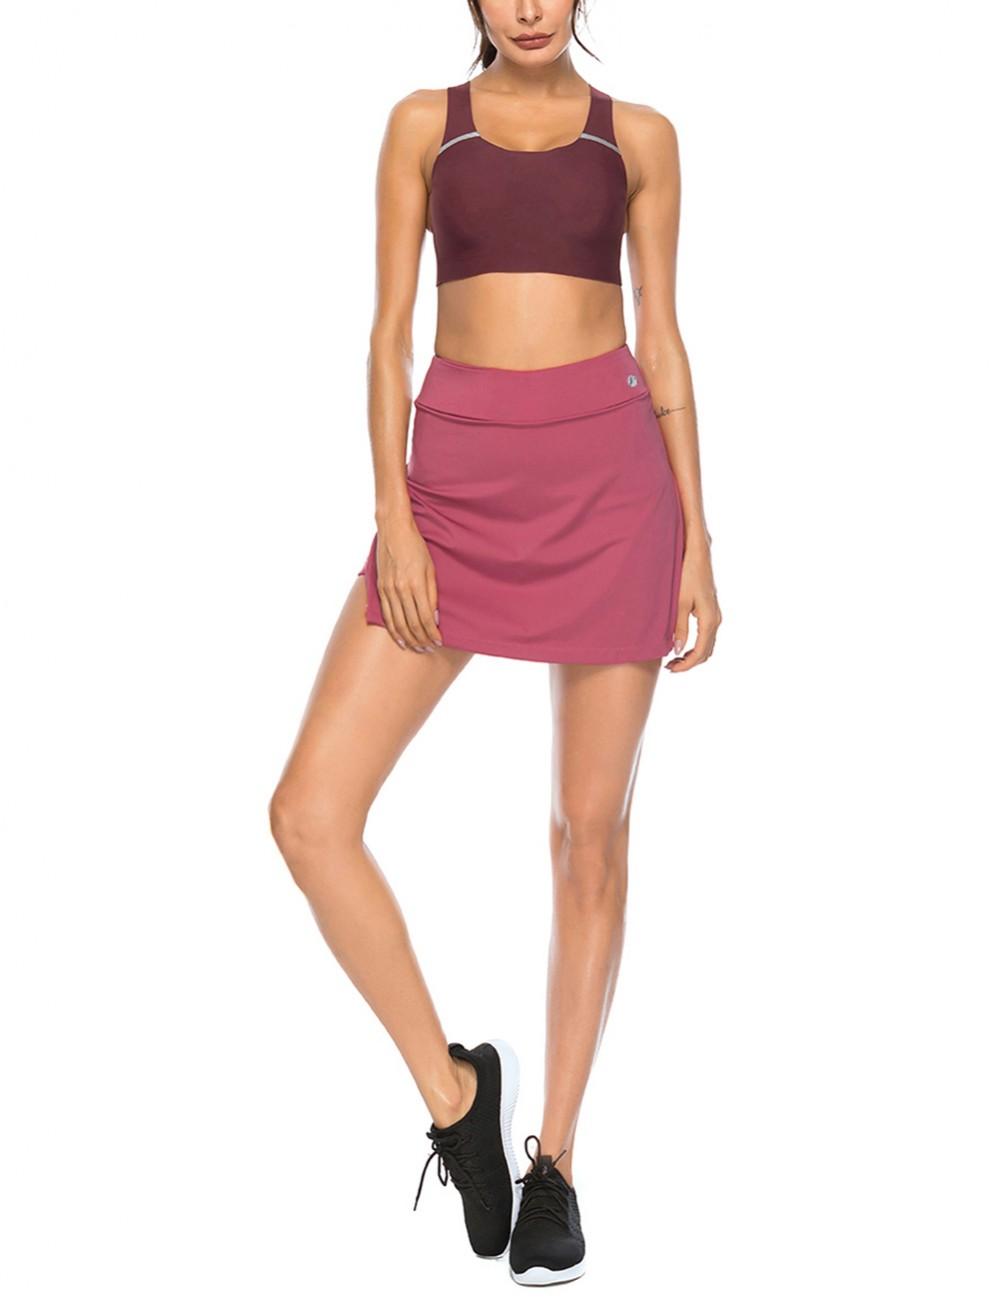 Moving Wine Red High Waist Slit Side Tennis Skirt Pocket For Female